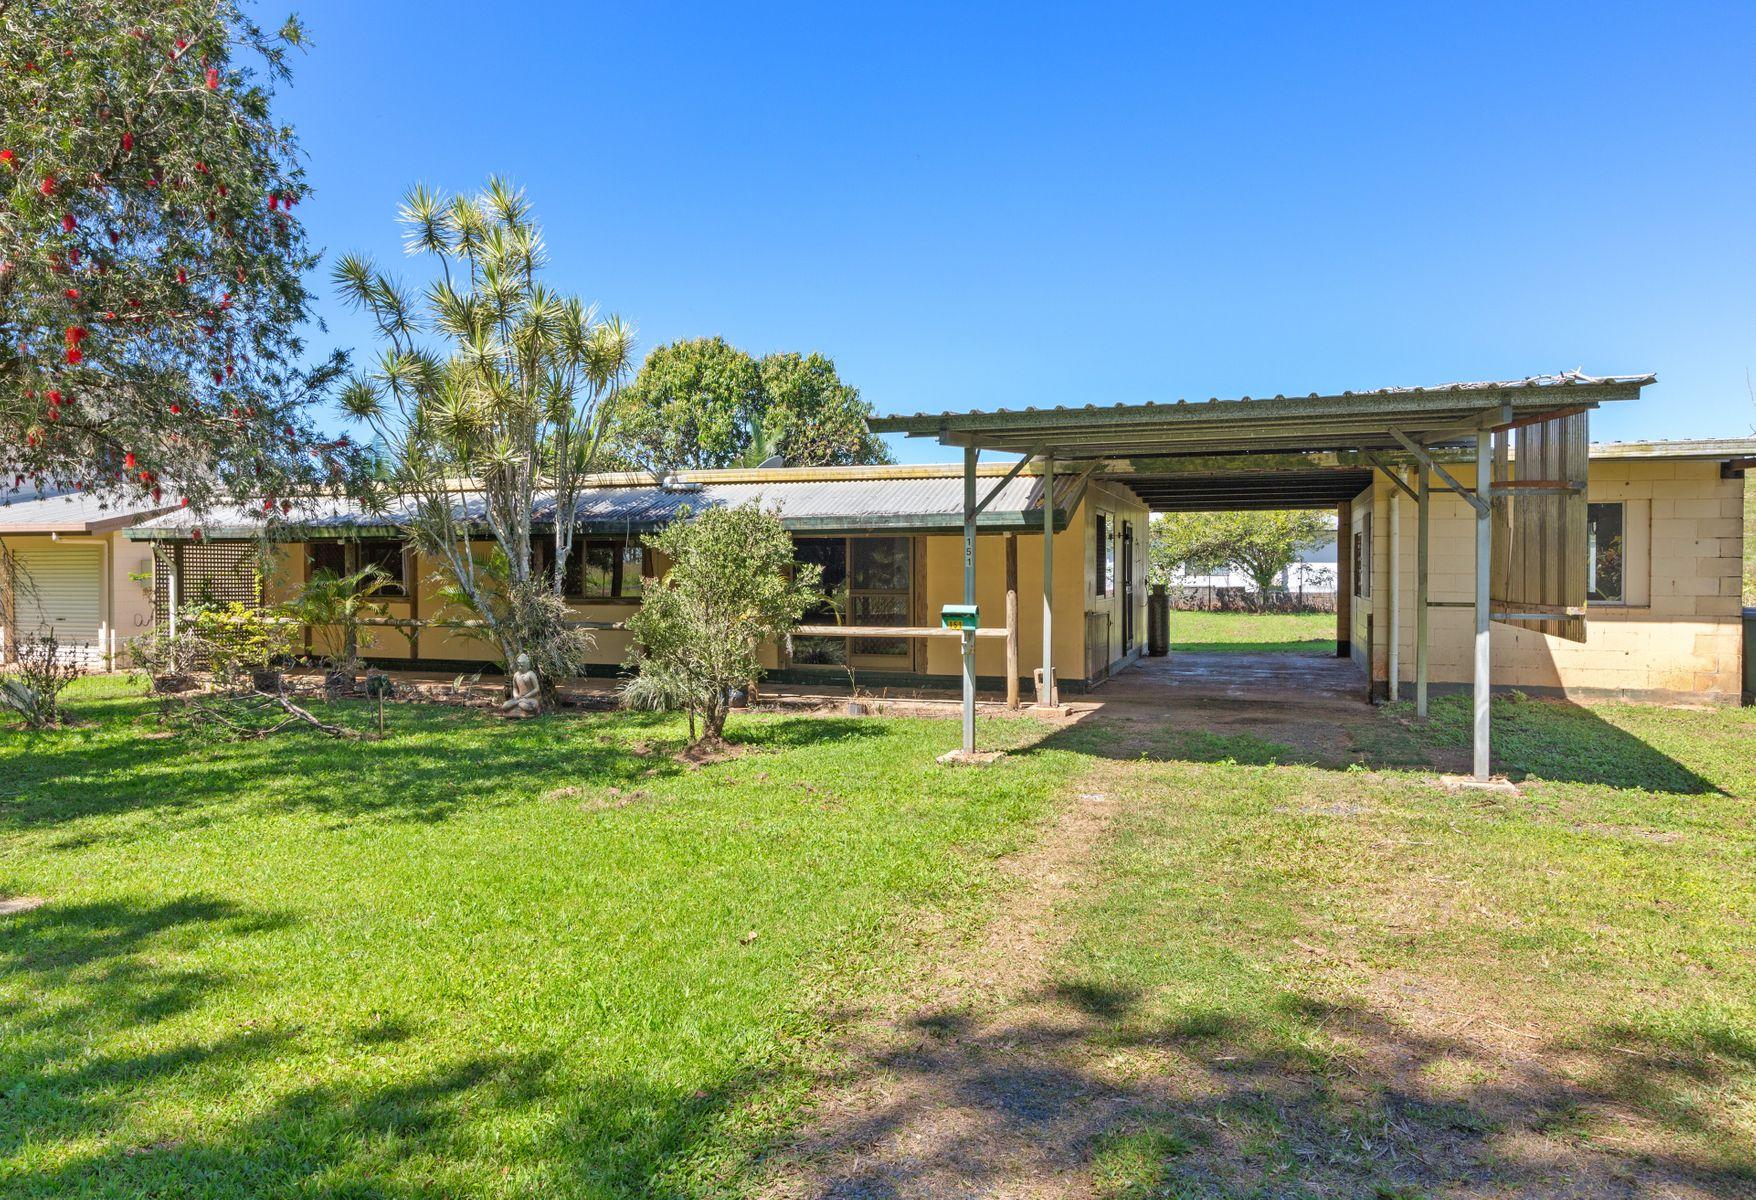 151 Palmerston Highway, Belvedere, QLD 4860